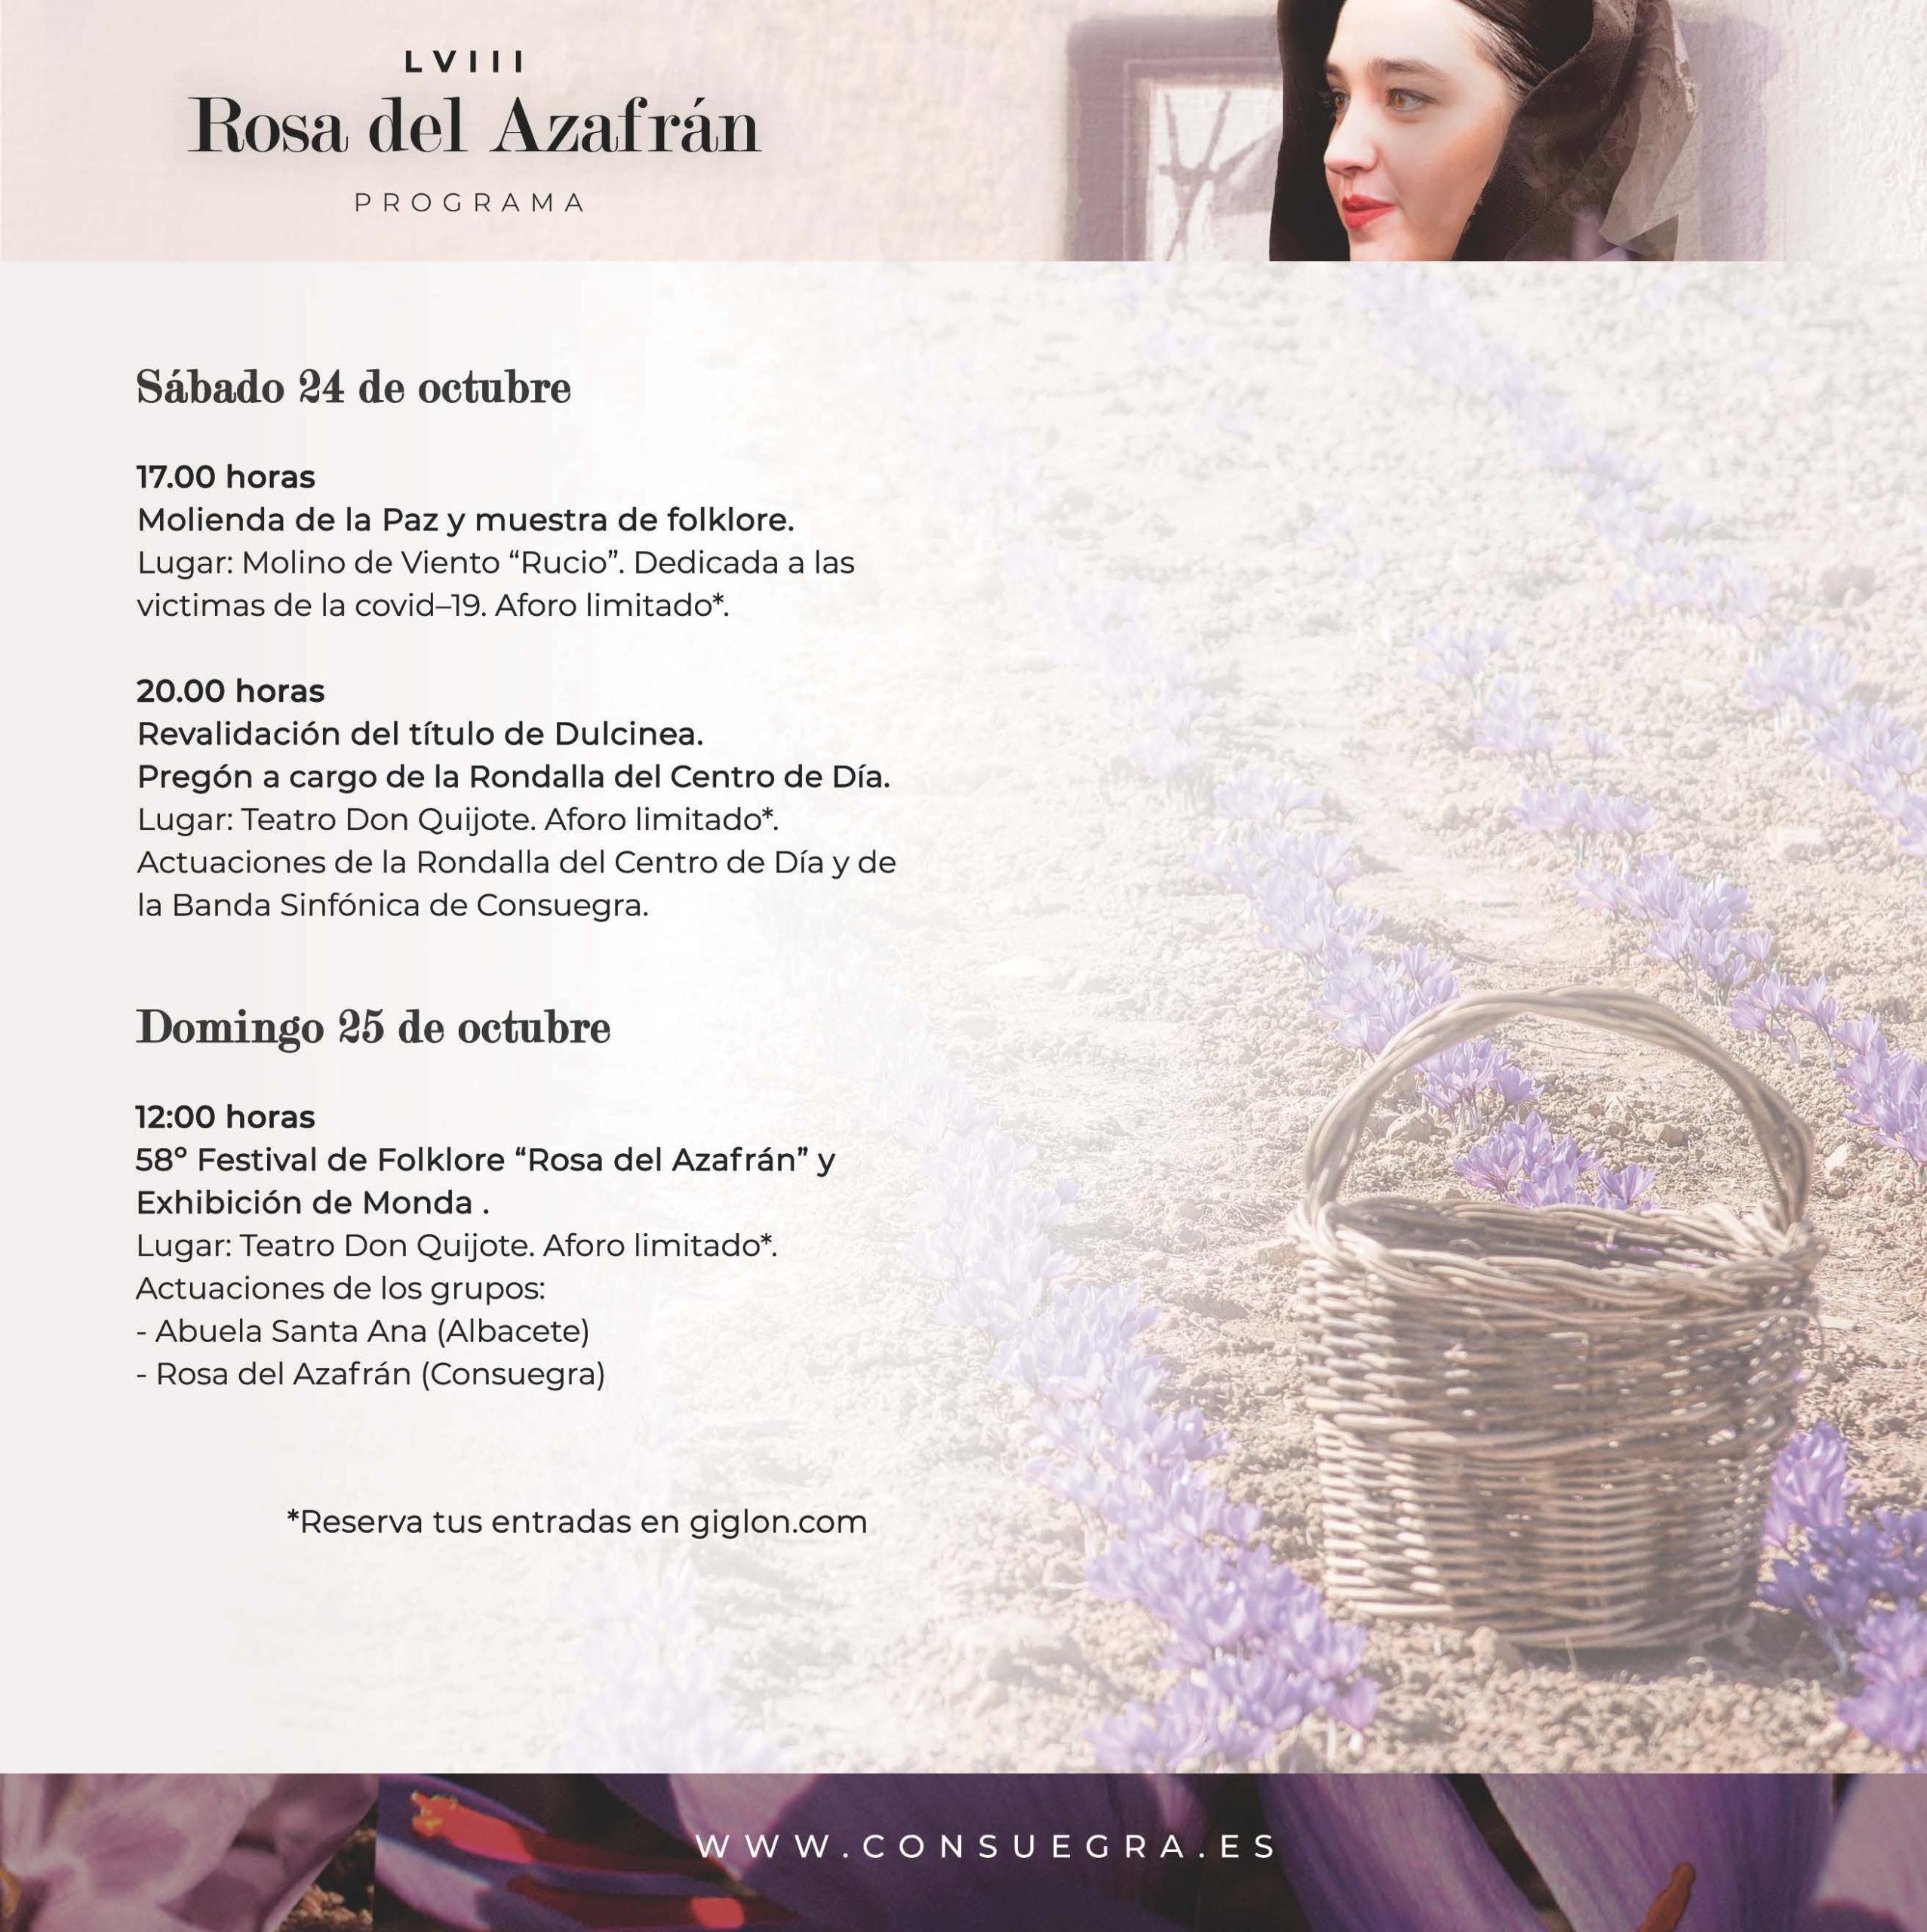 Programación XVIII Rosa del Azafrán 24 y 25 de octubre de 2020